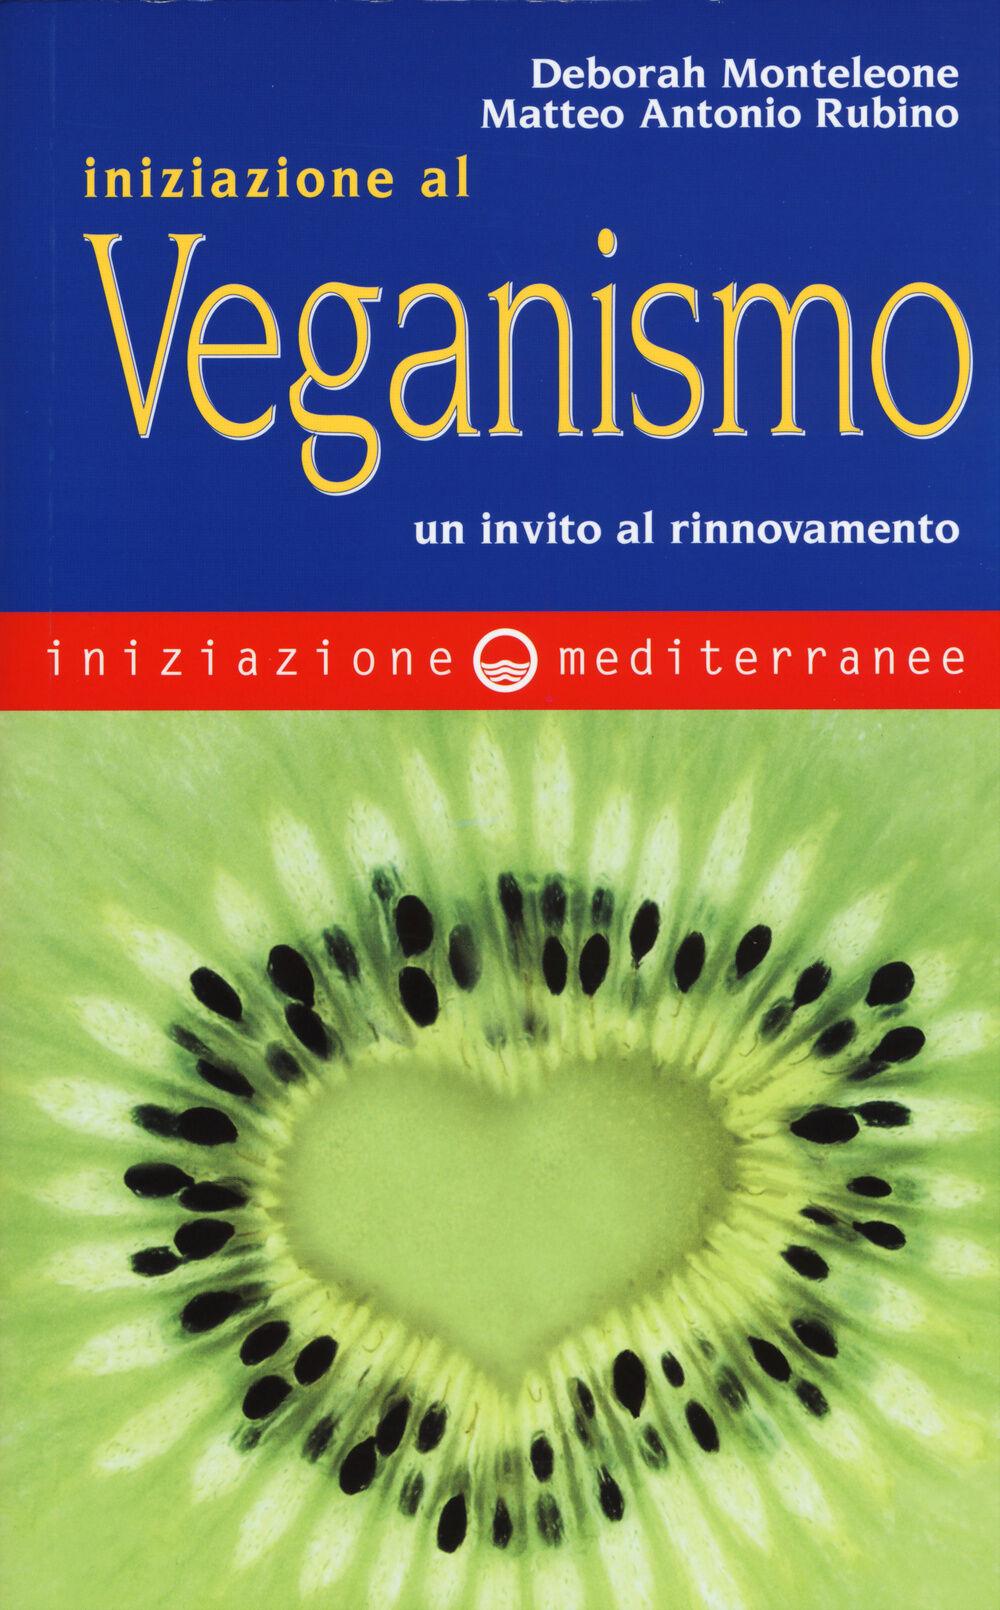 Iniziazione al veganismo. Un invito al rinnovamento